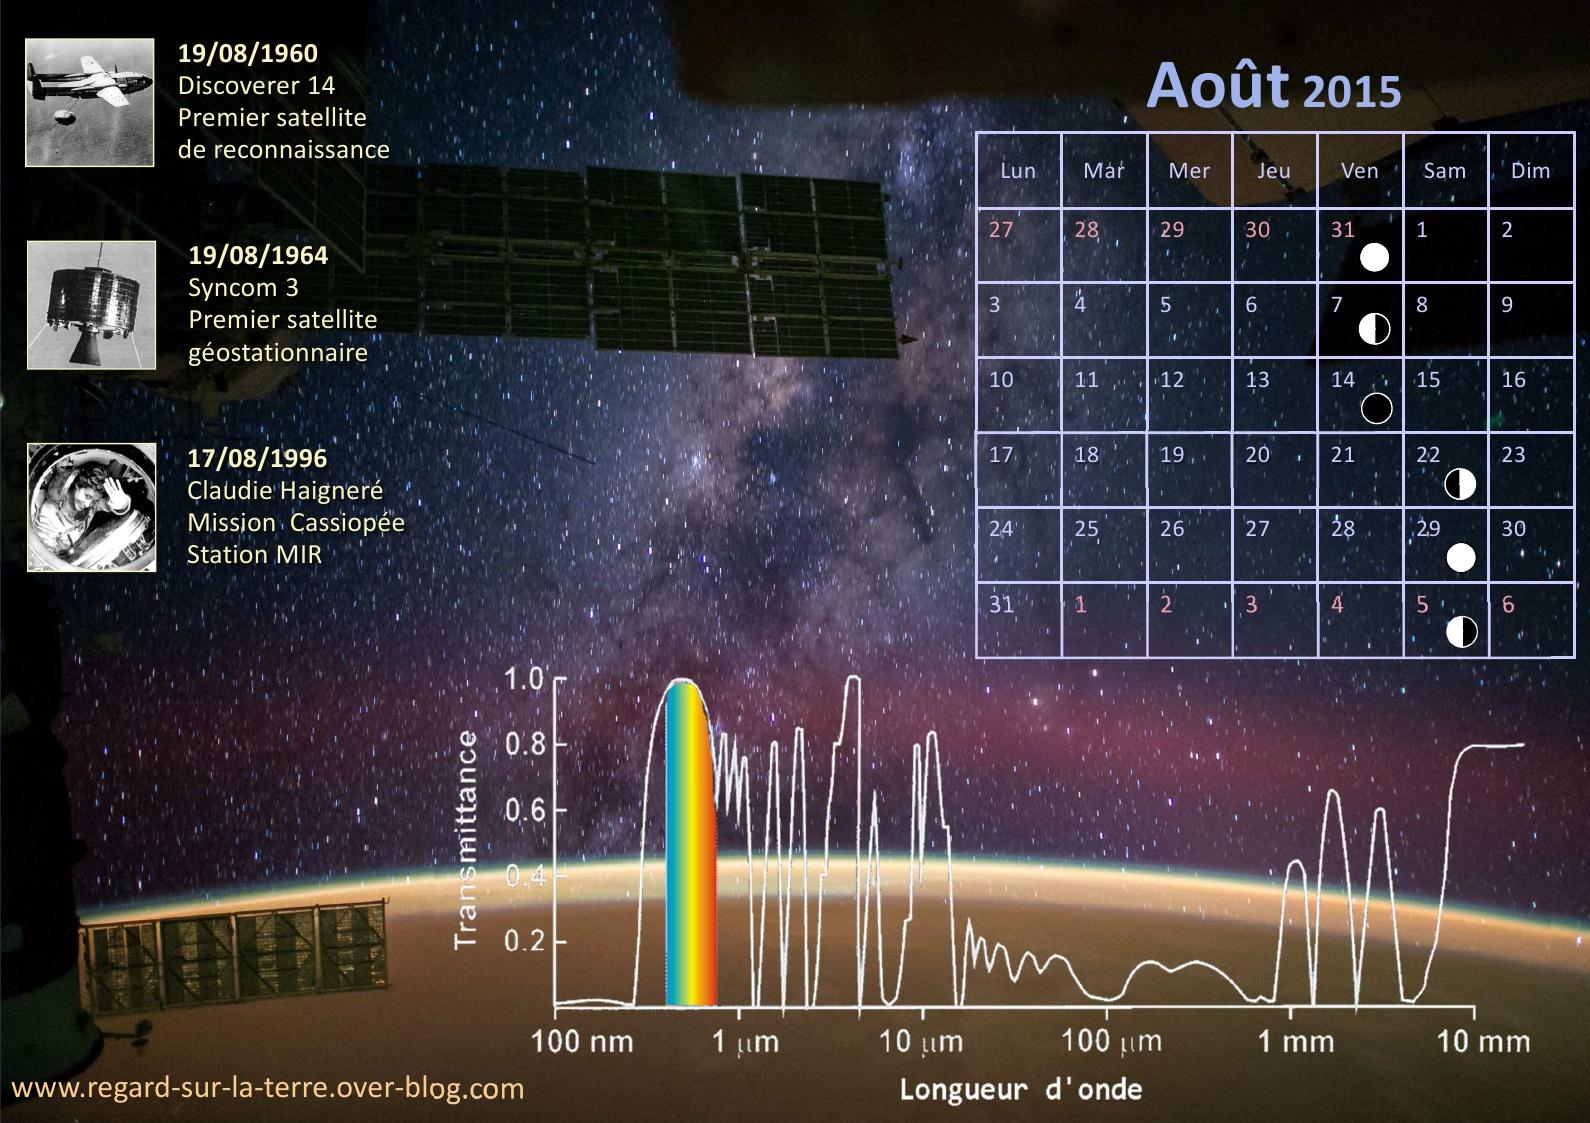 Calendreir spatial et astronomique - Août - 2015 - Discoverer 14 - Syncom 3 - Claudie Haigneré - Voie Lactée - Transmittance - Atmosphère - Diffusion - Absorption